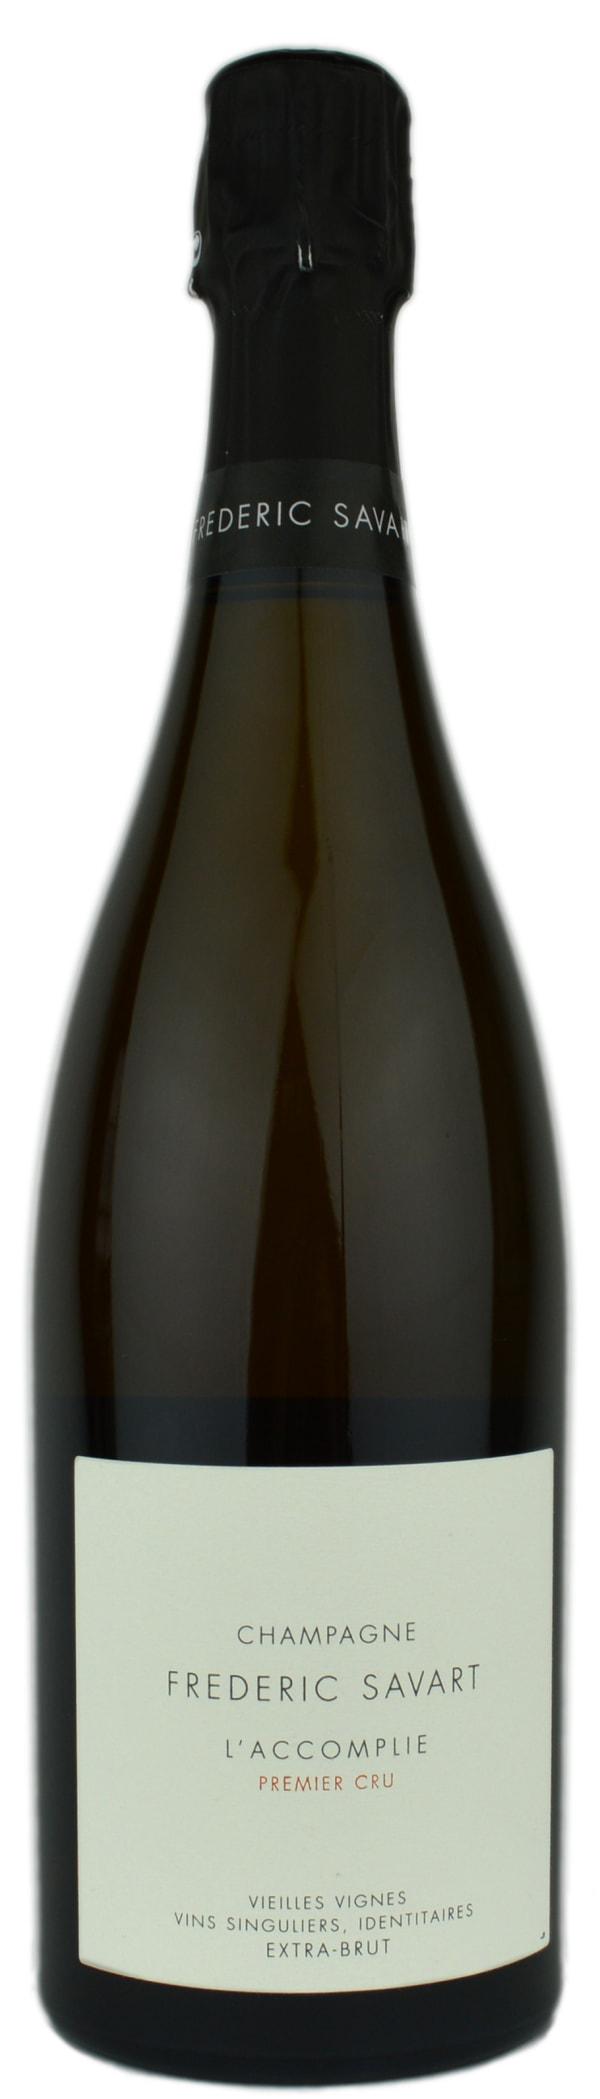 Frédéric Savart l'Accomplie 1er Cru Champagne Extra-Brut